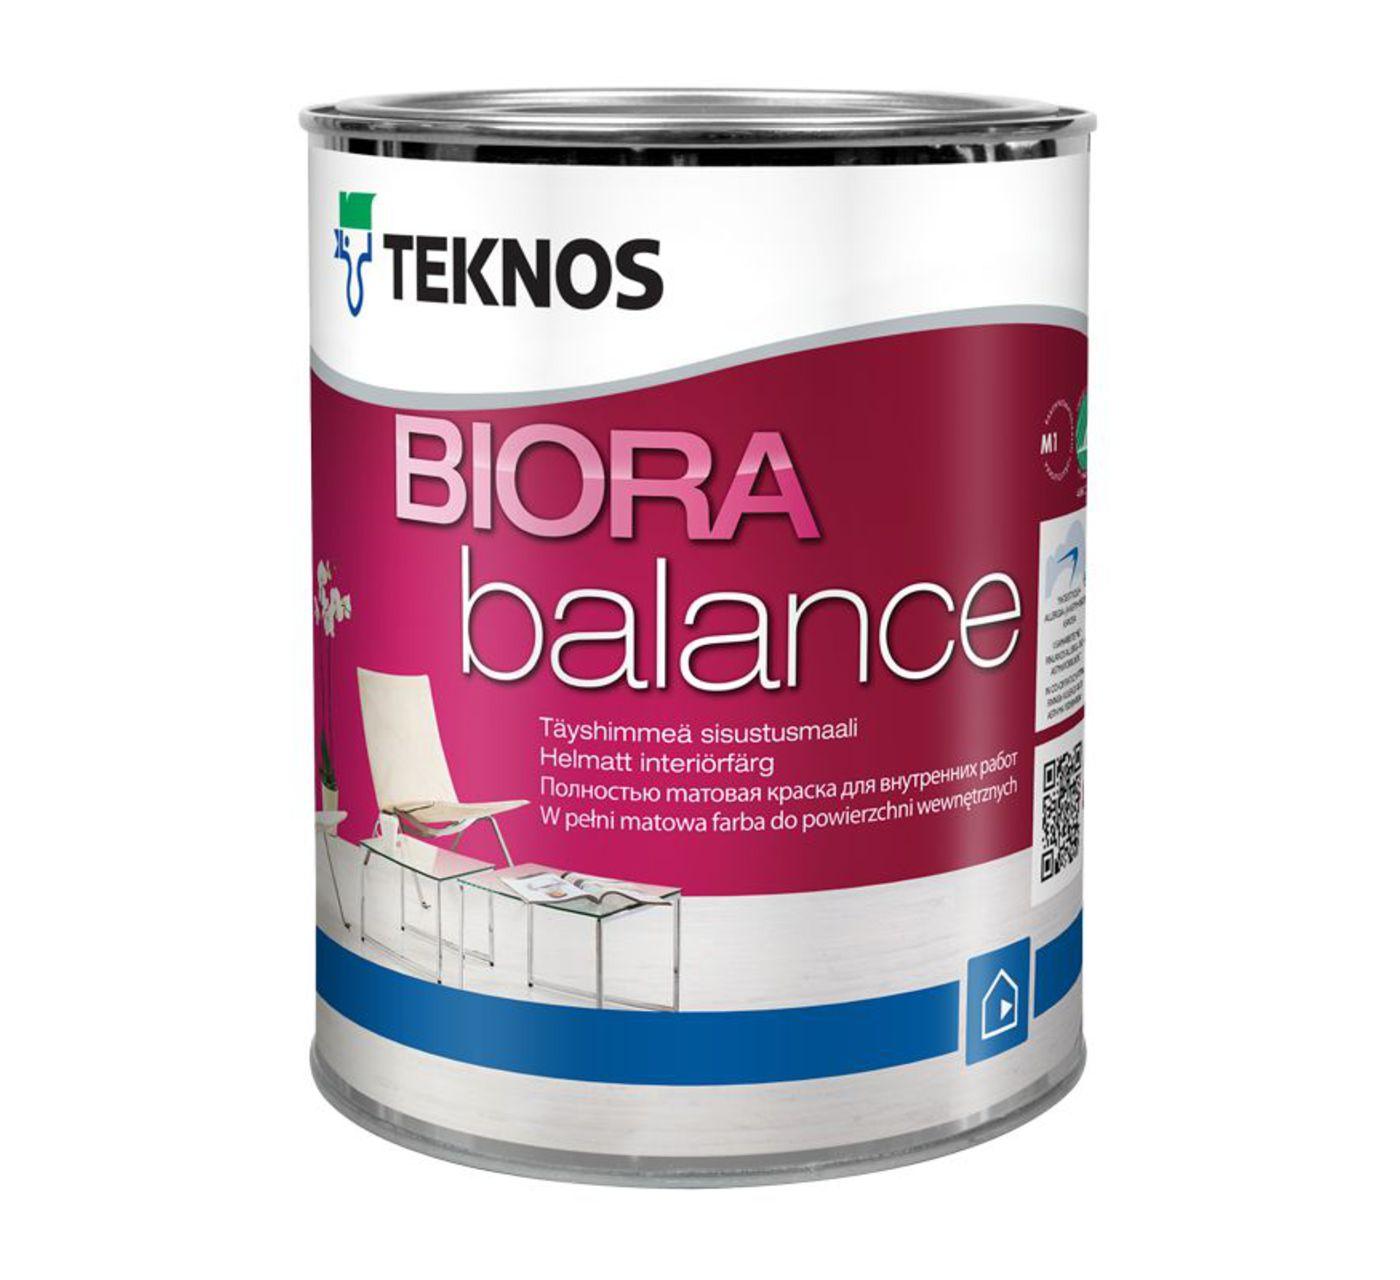 BIORA BALANCE совершенно матовая краска для внутренней отделки